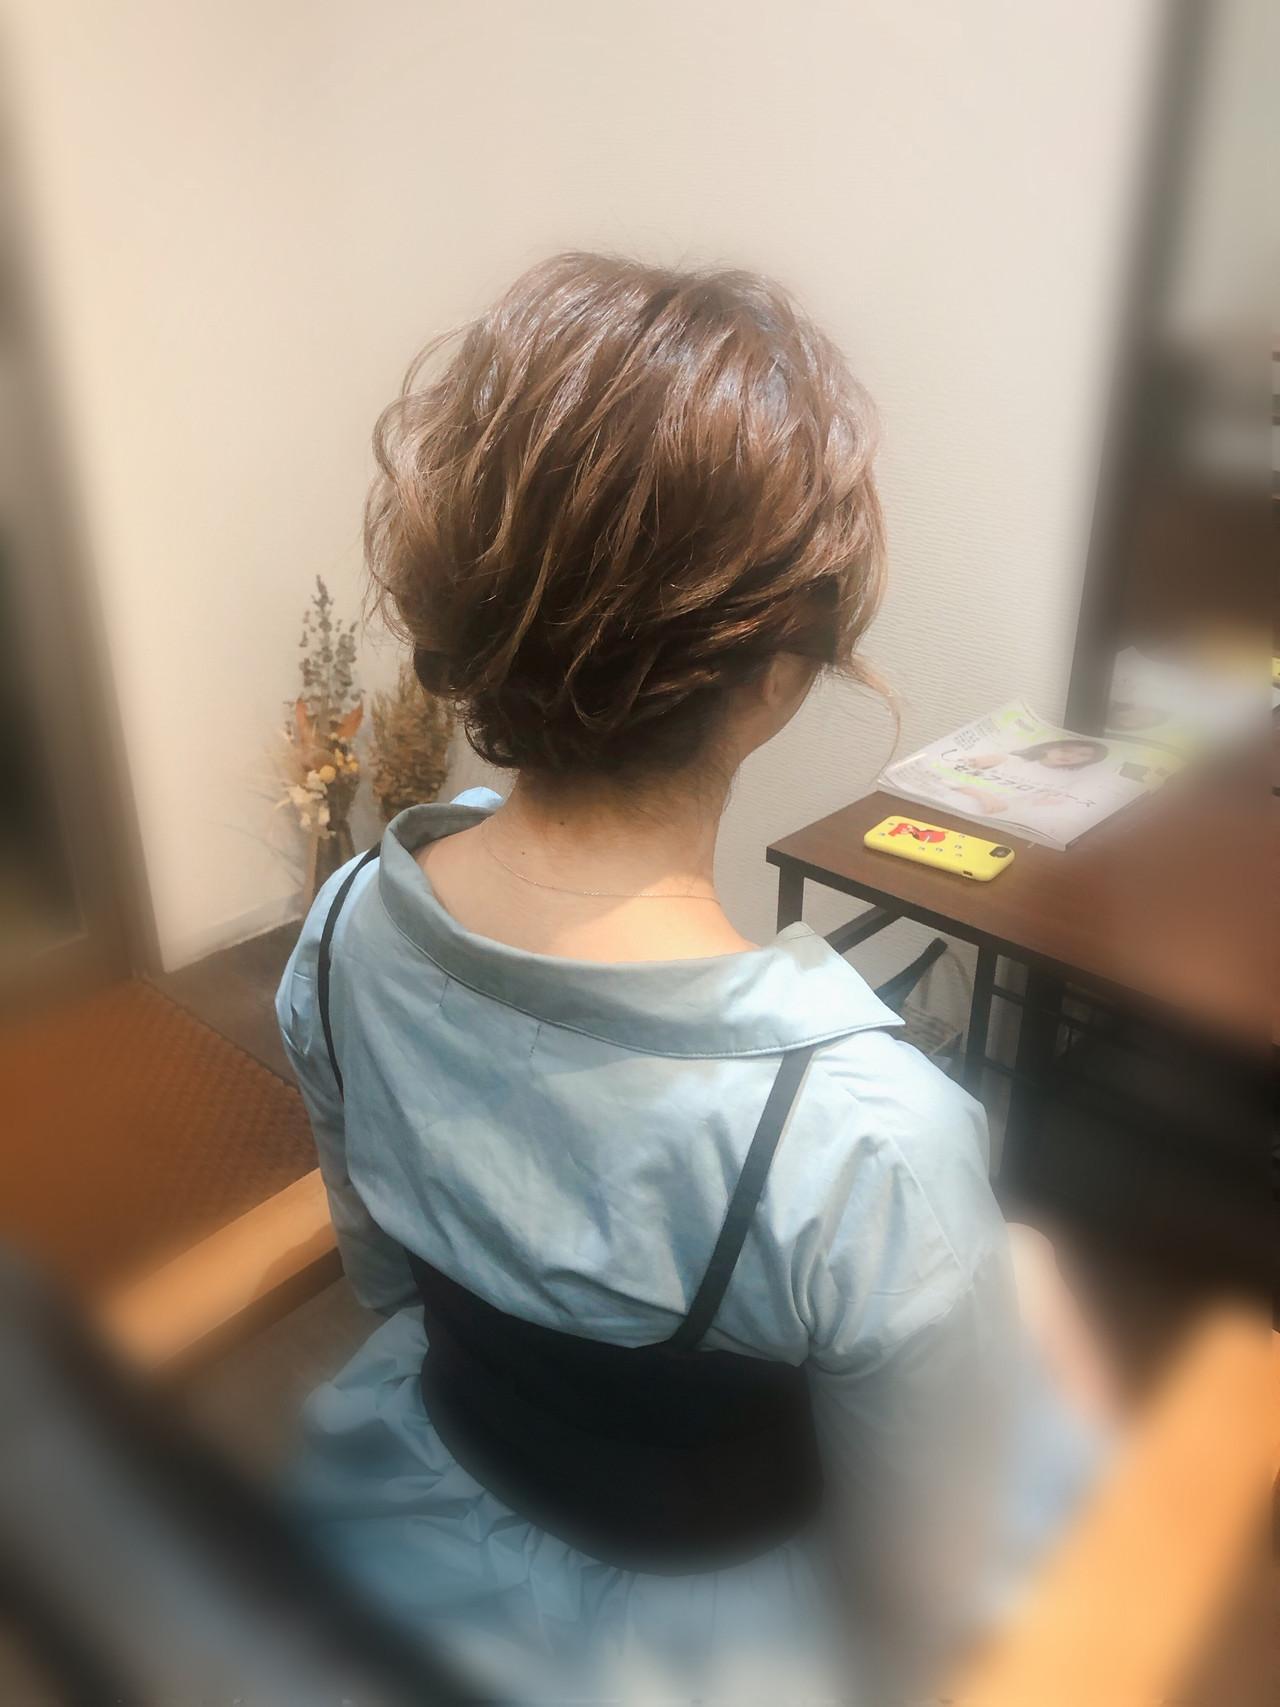 ねじり ヘアアレンジ アップスタイル フェミニン ヘアスタイルや髪型の写真・画像